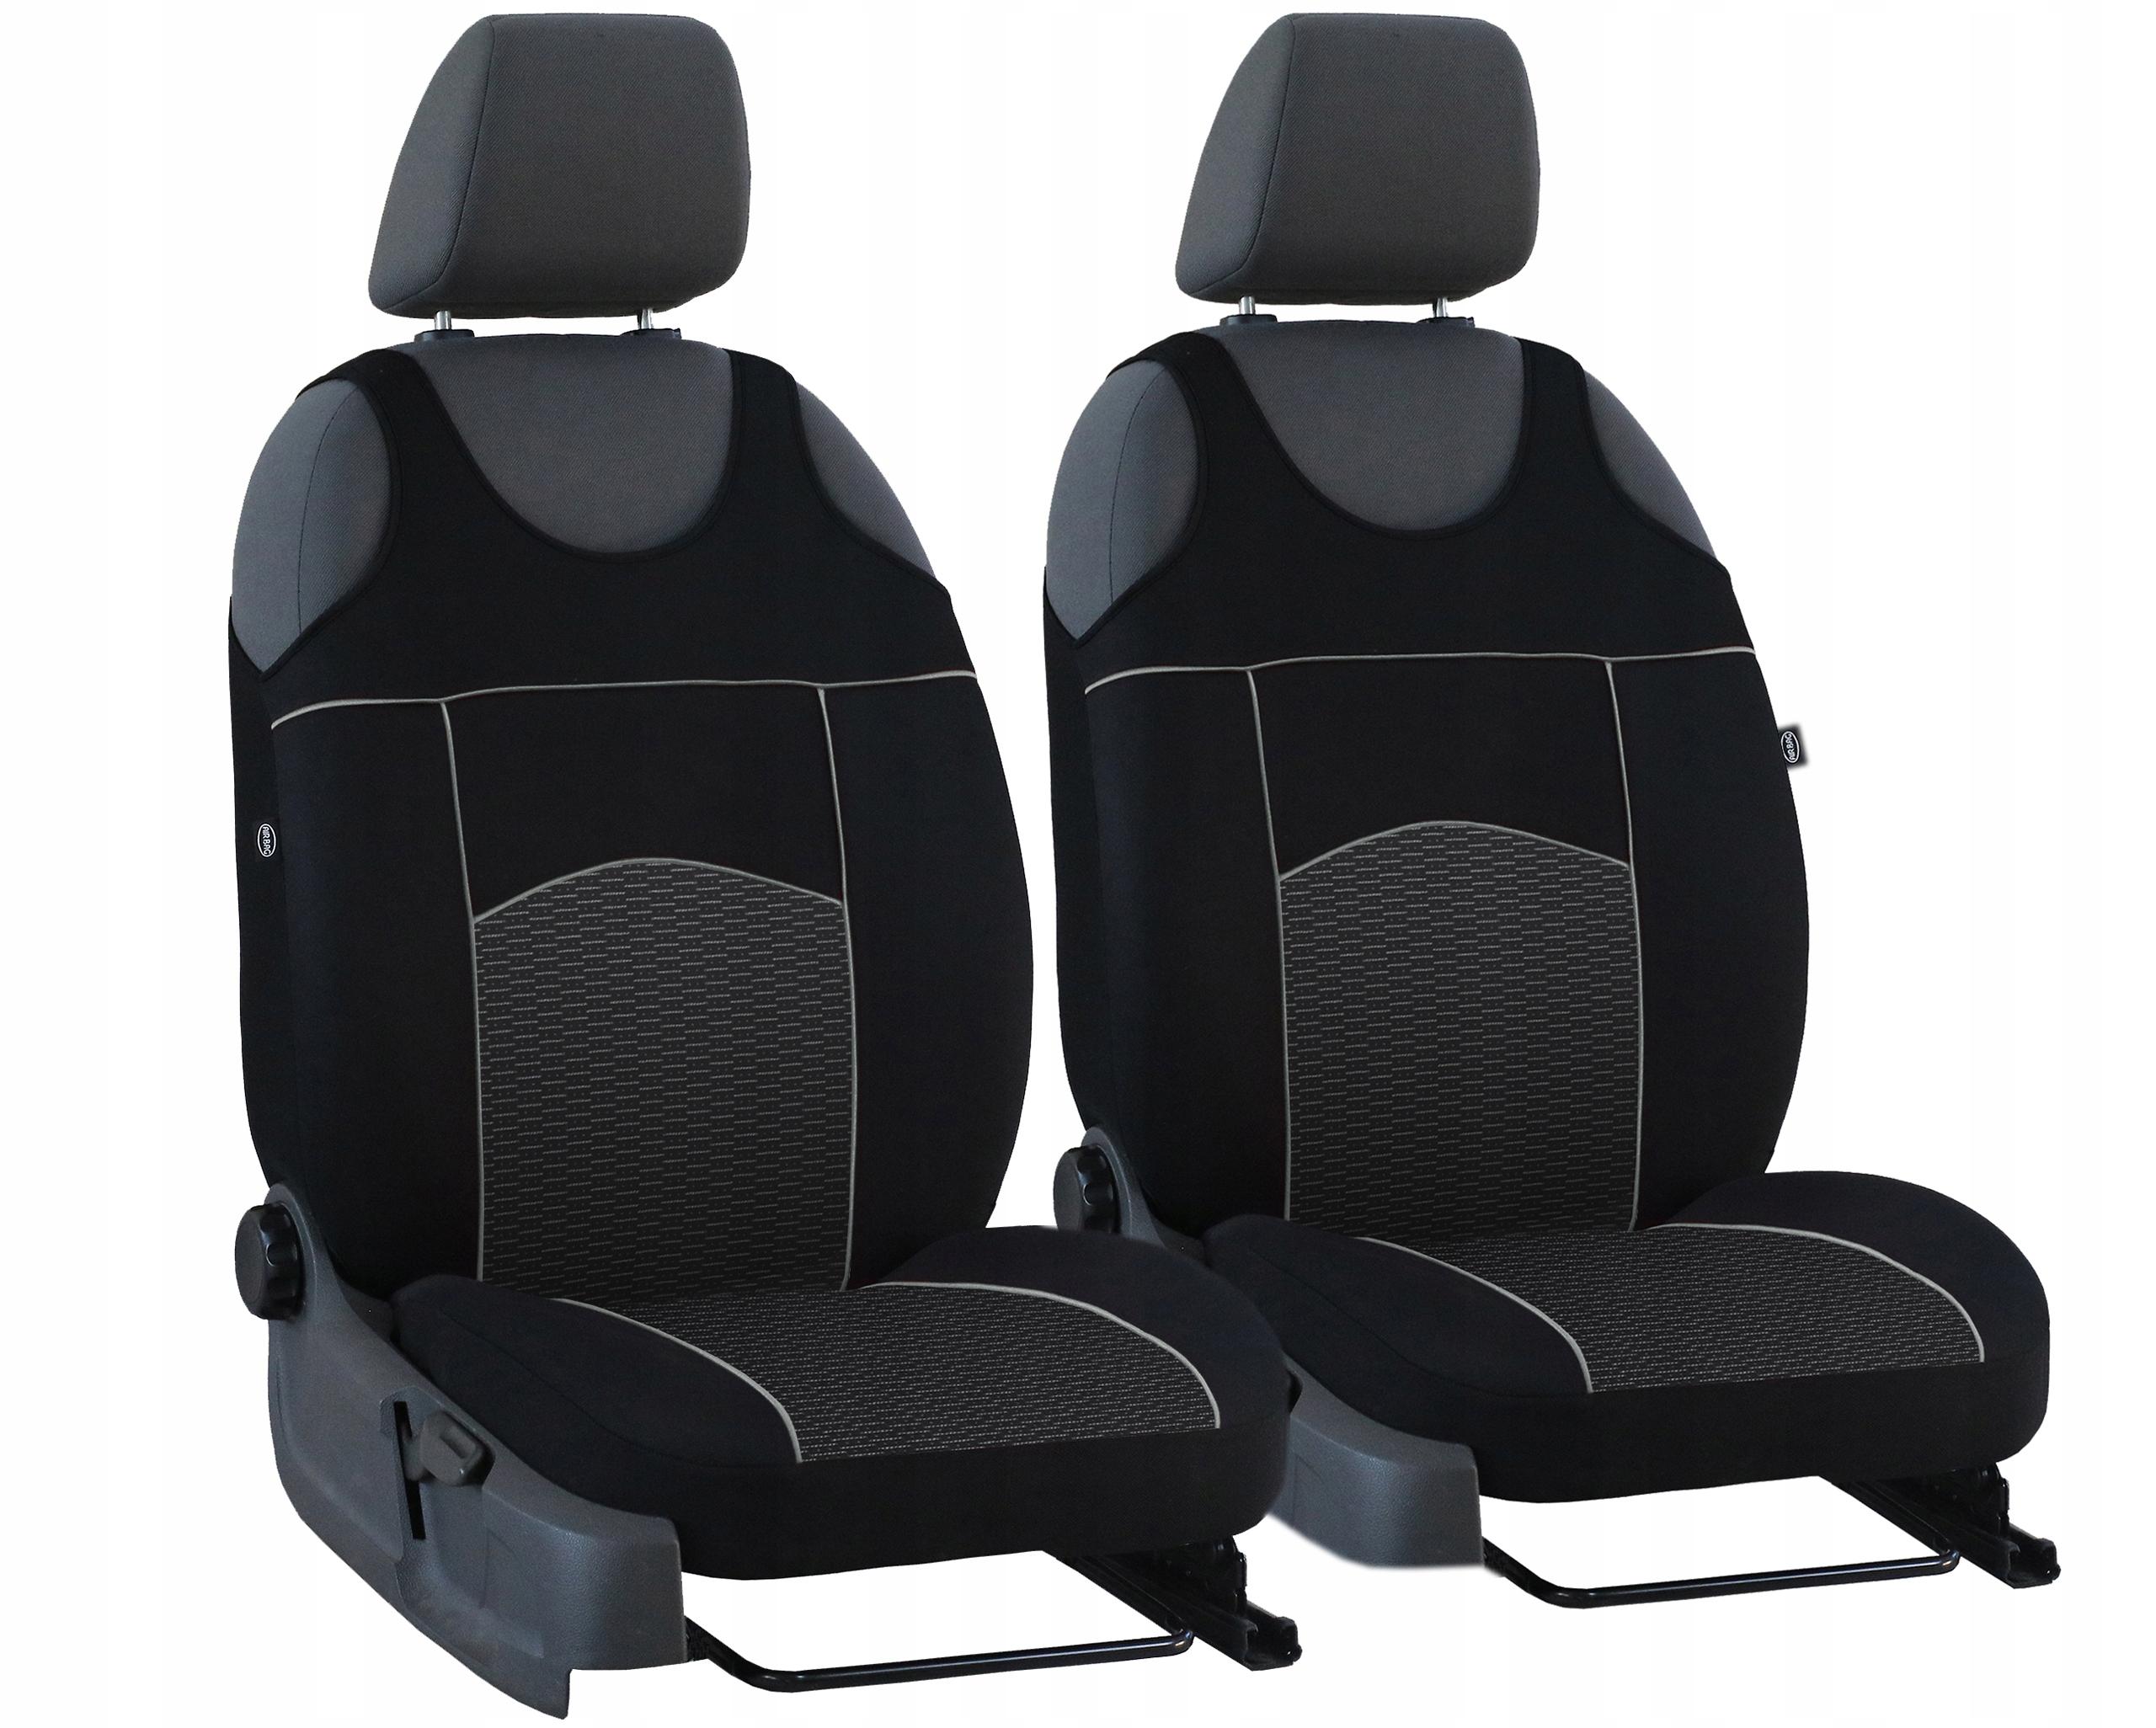 Pokrowce Samochodowe Koszulki Na Siedzenia Fotele Chmielnik Allegro Pl